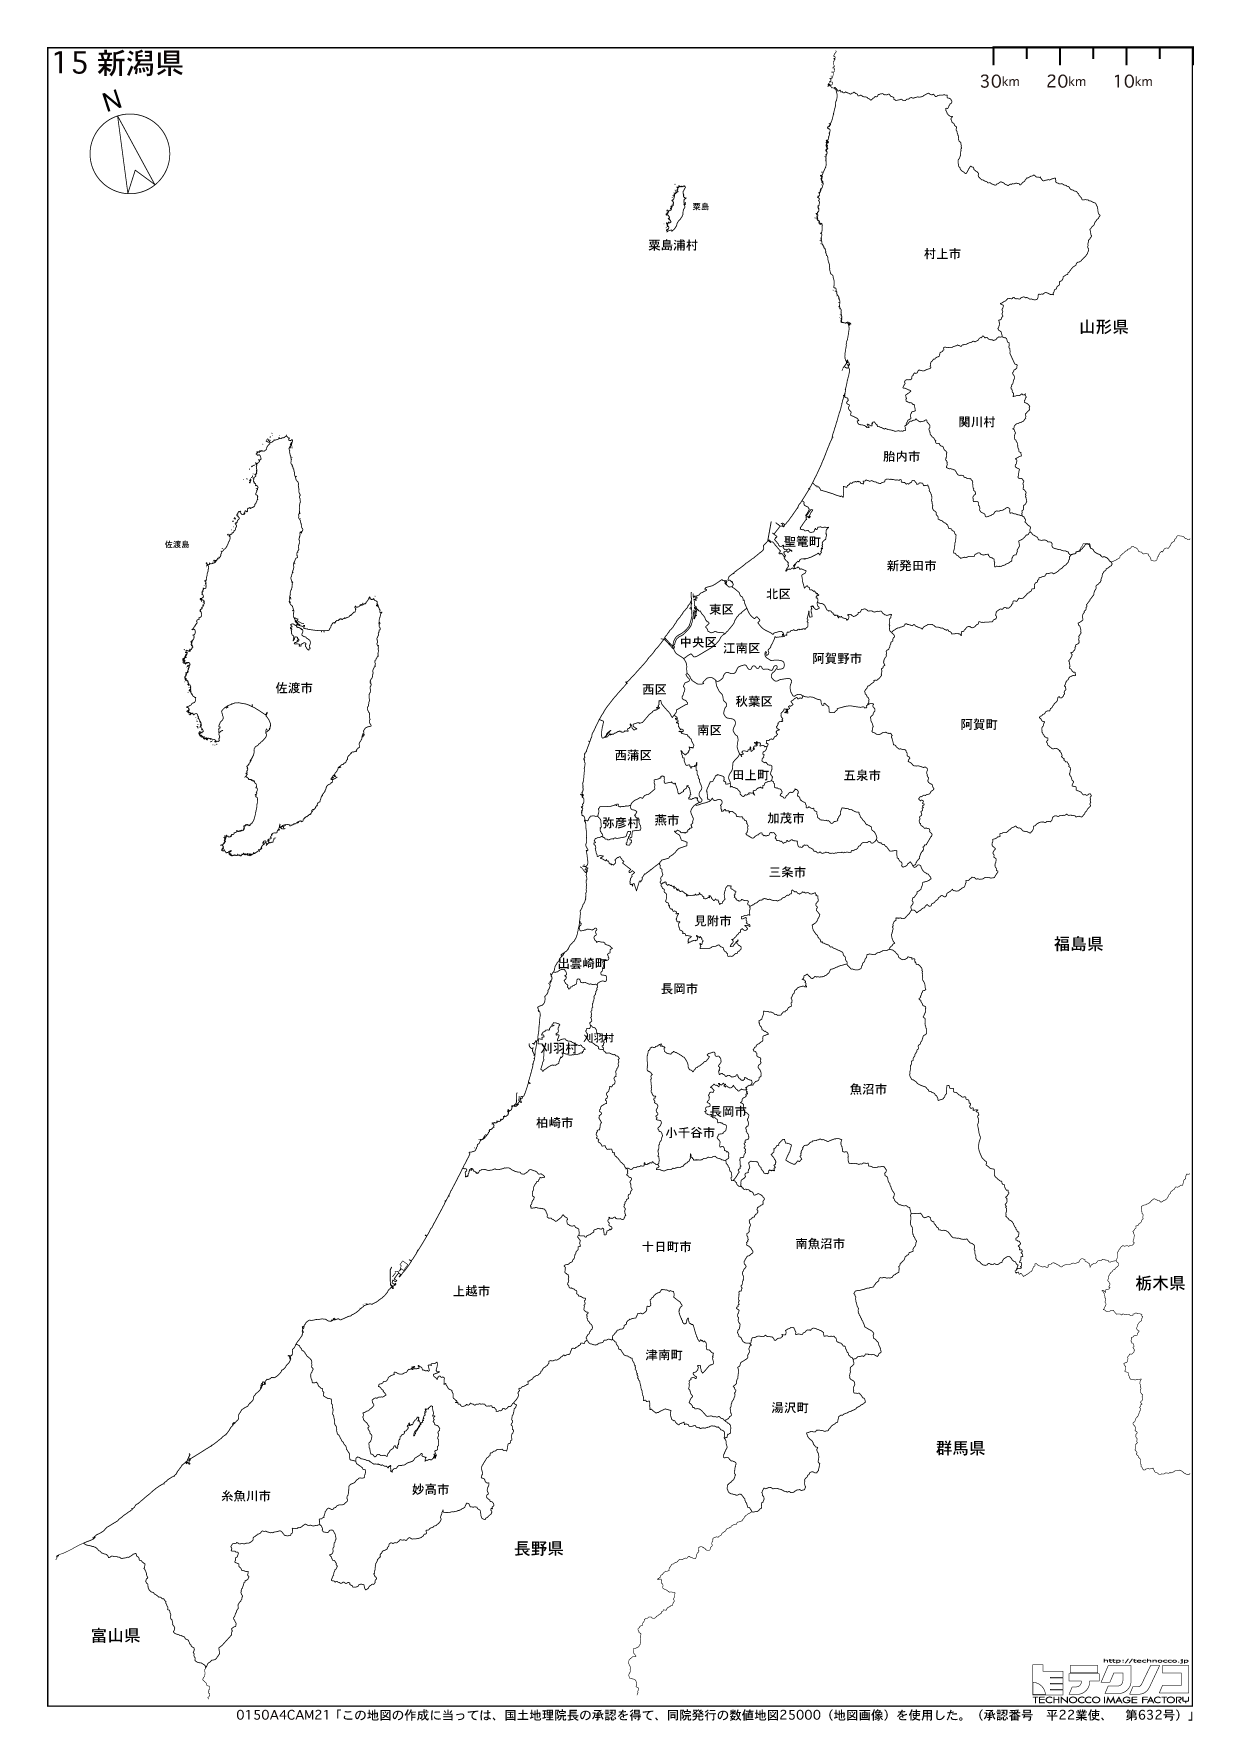 新潟県の白地図,都道府県コード15